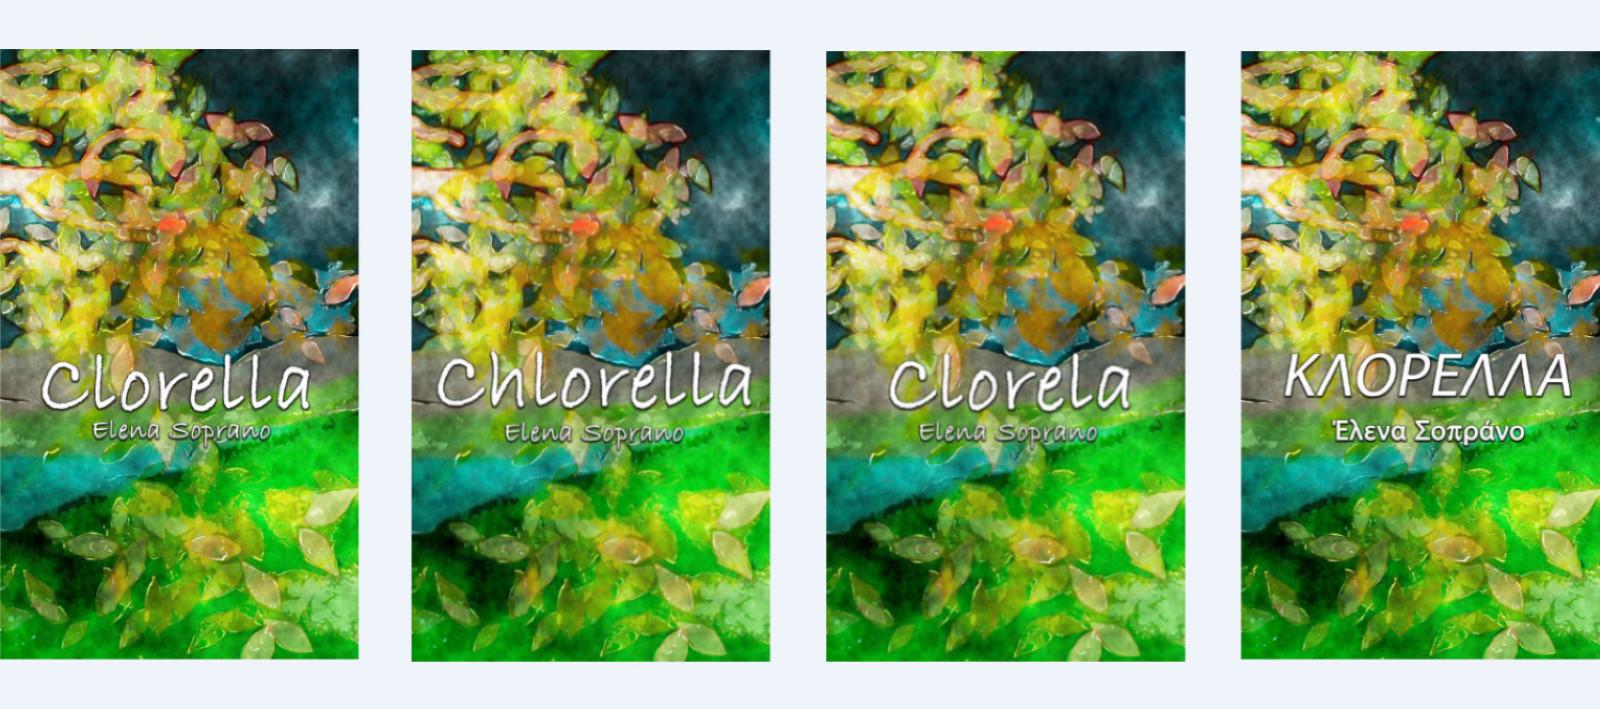 Clorella collection